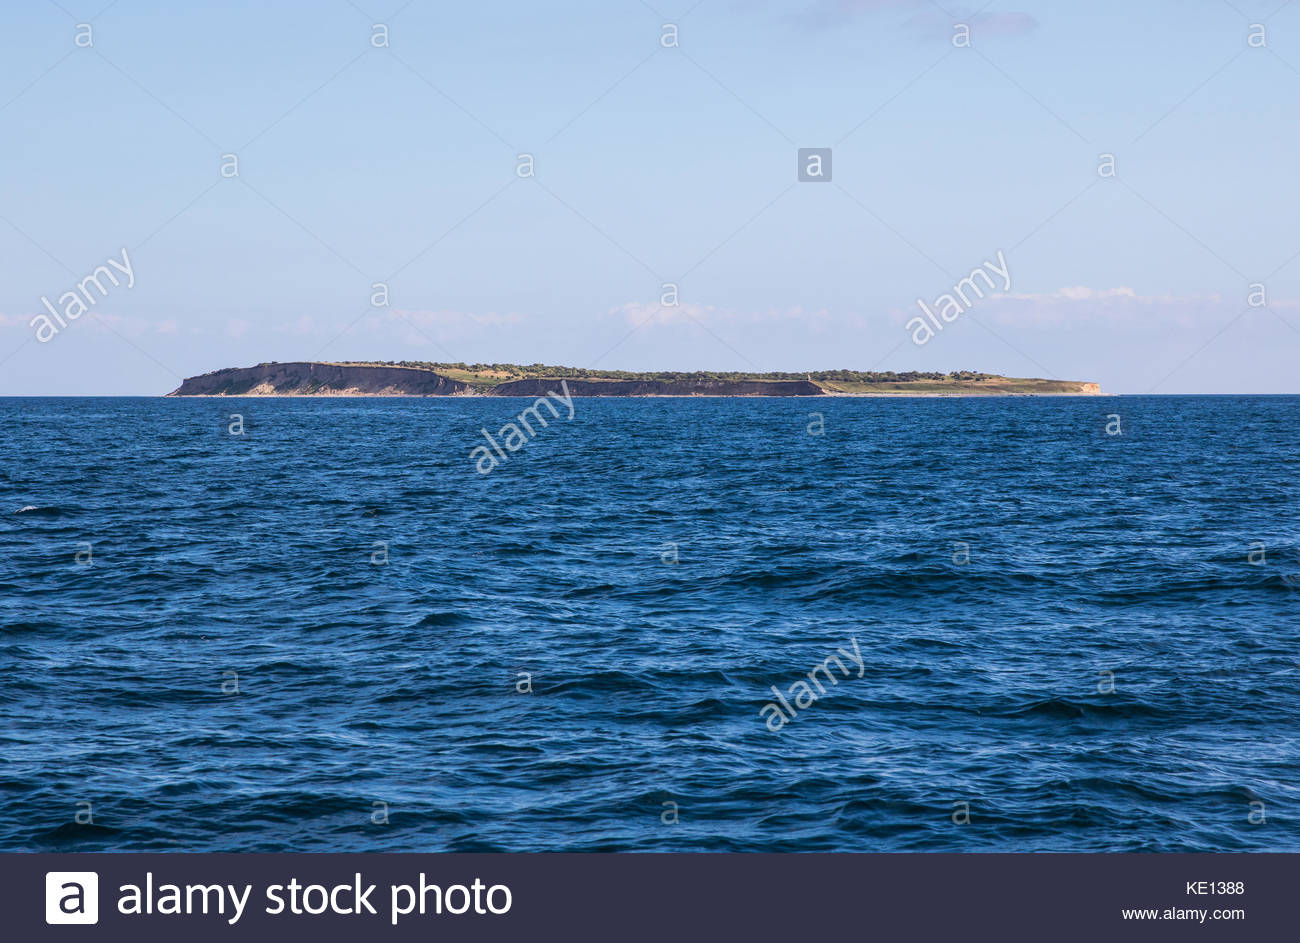 small island between grenå and samsø, kattegat, denmark / kleine insel zwischen grenå und samsø, - Stock Image